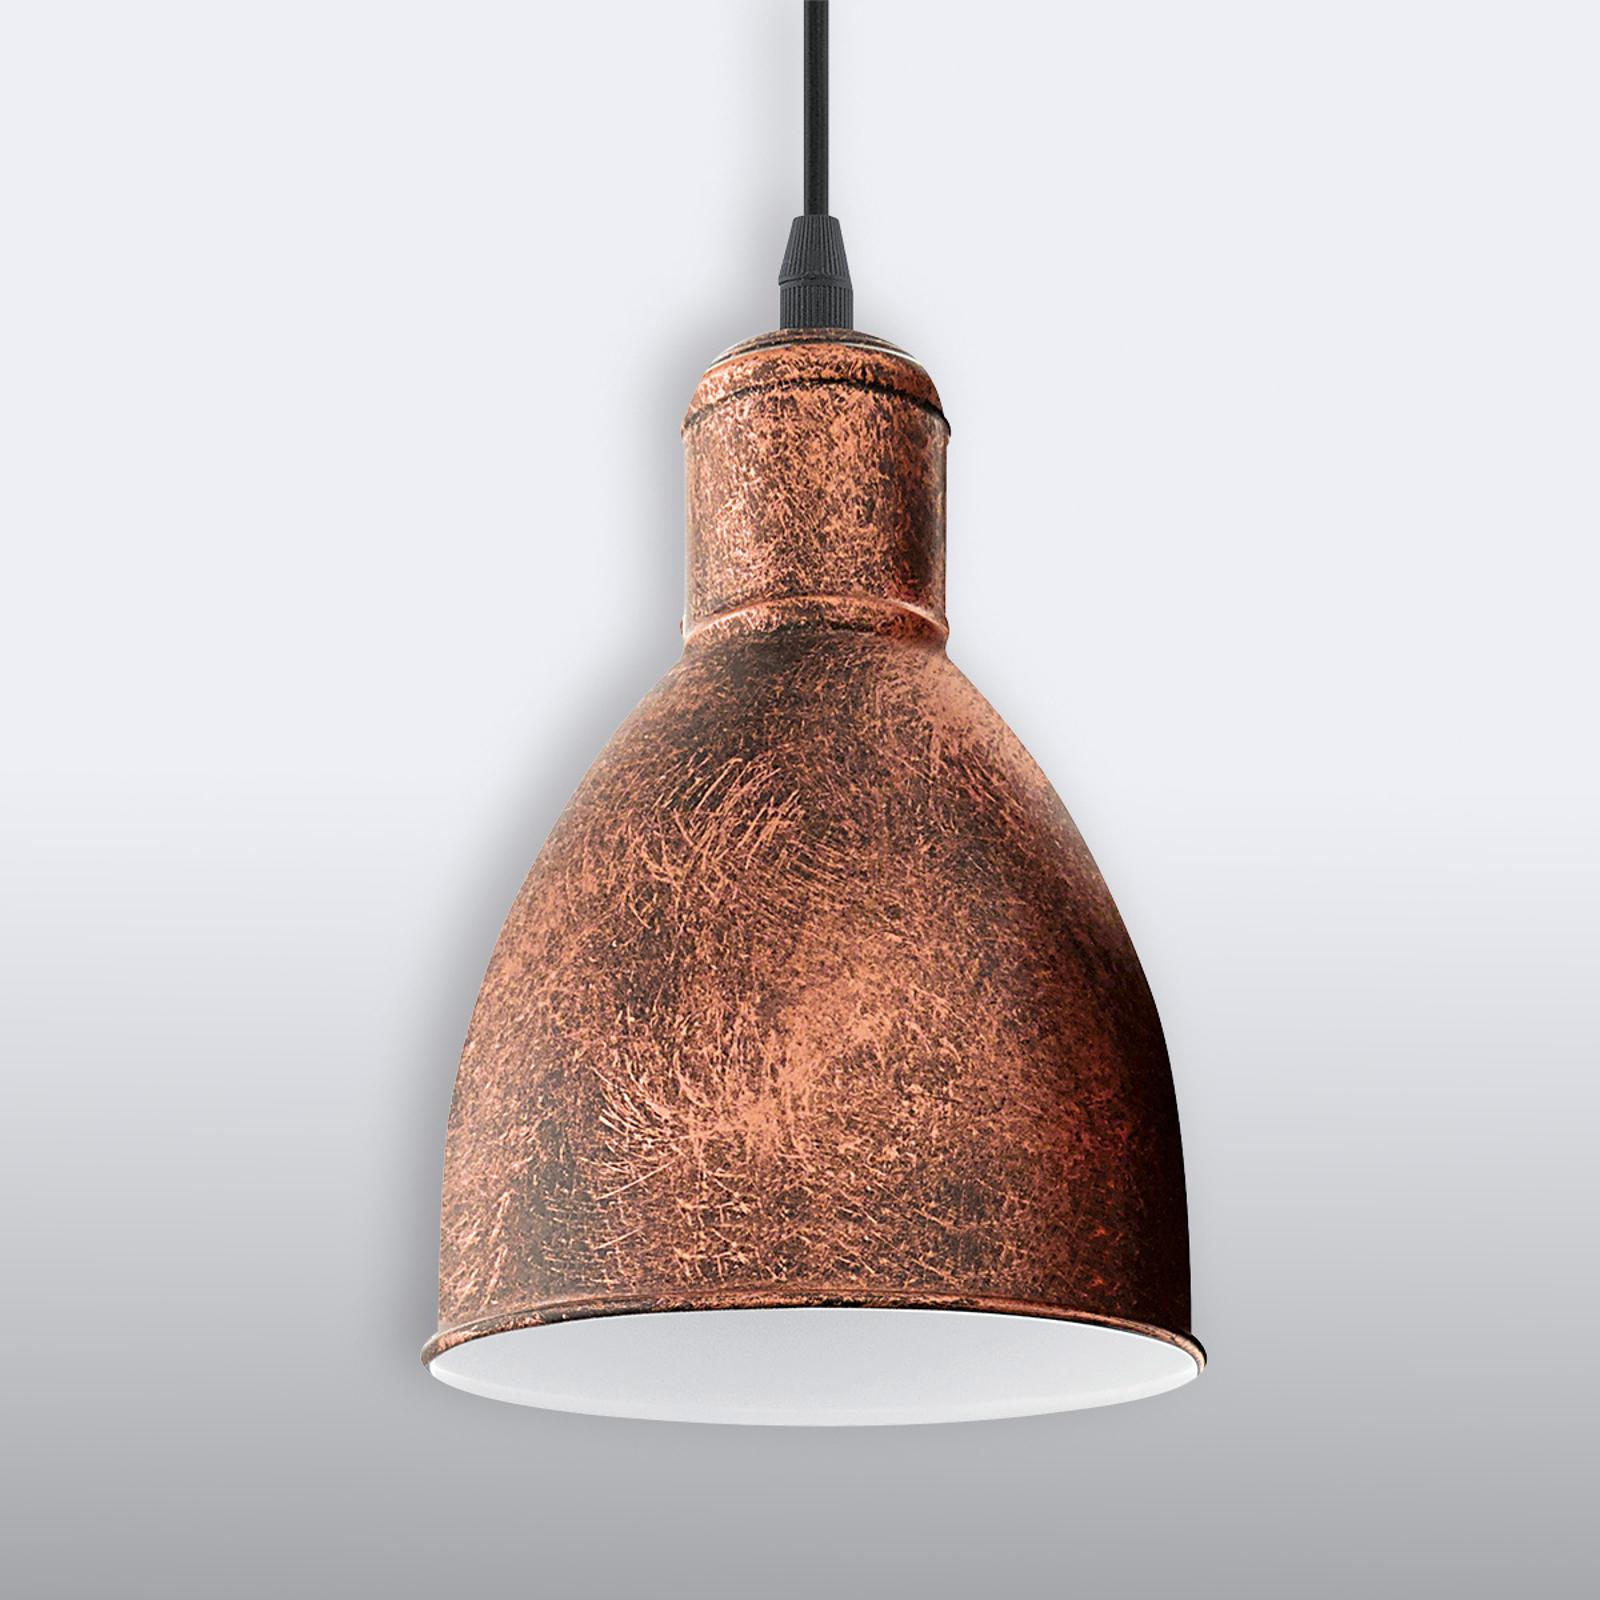 Lámpara colgante vintage Priddy 1, 1 luz, cobre